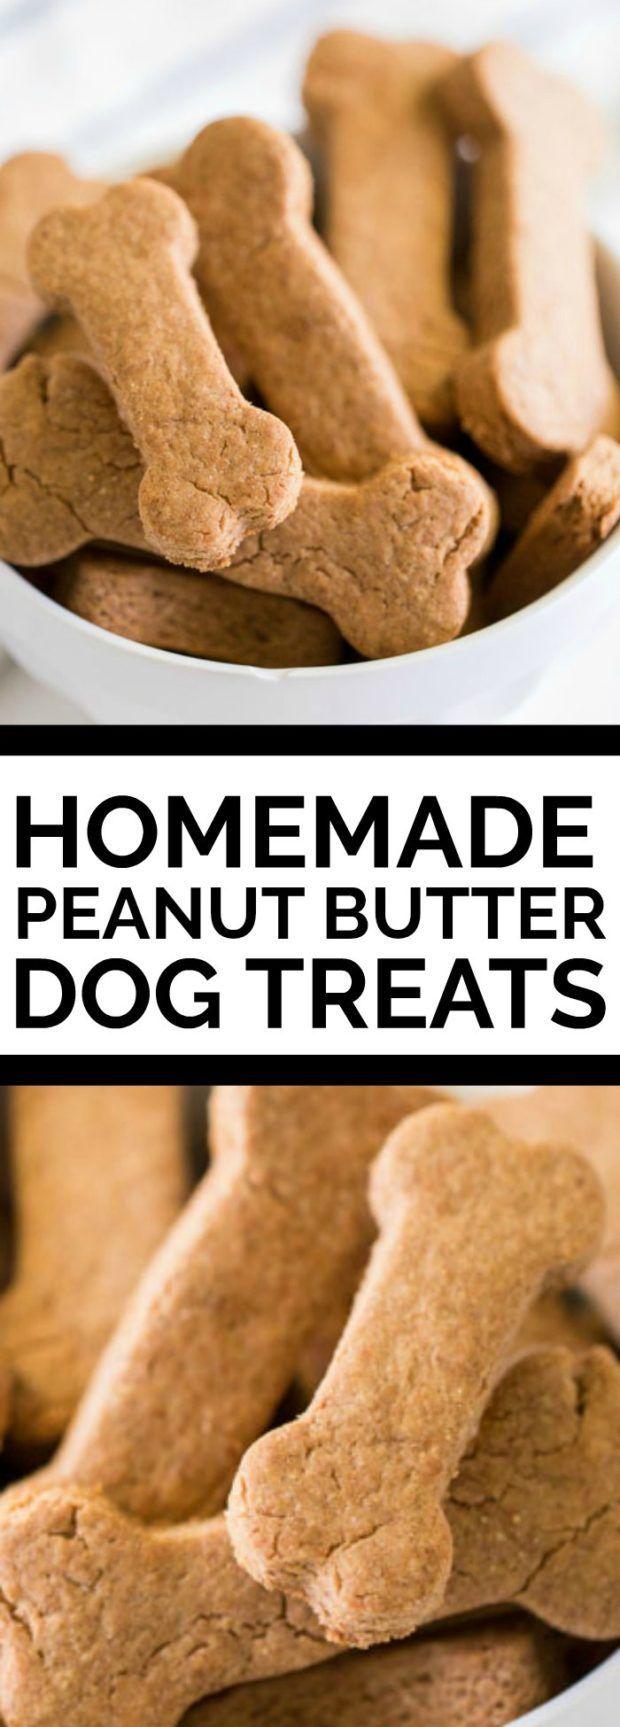 best amazing animals images on pinterest dog treats dog cat